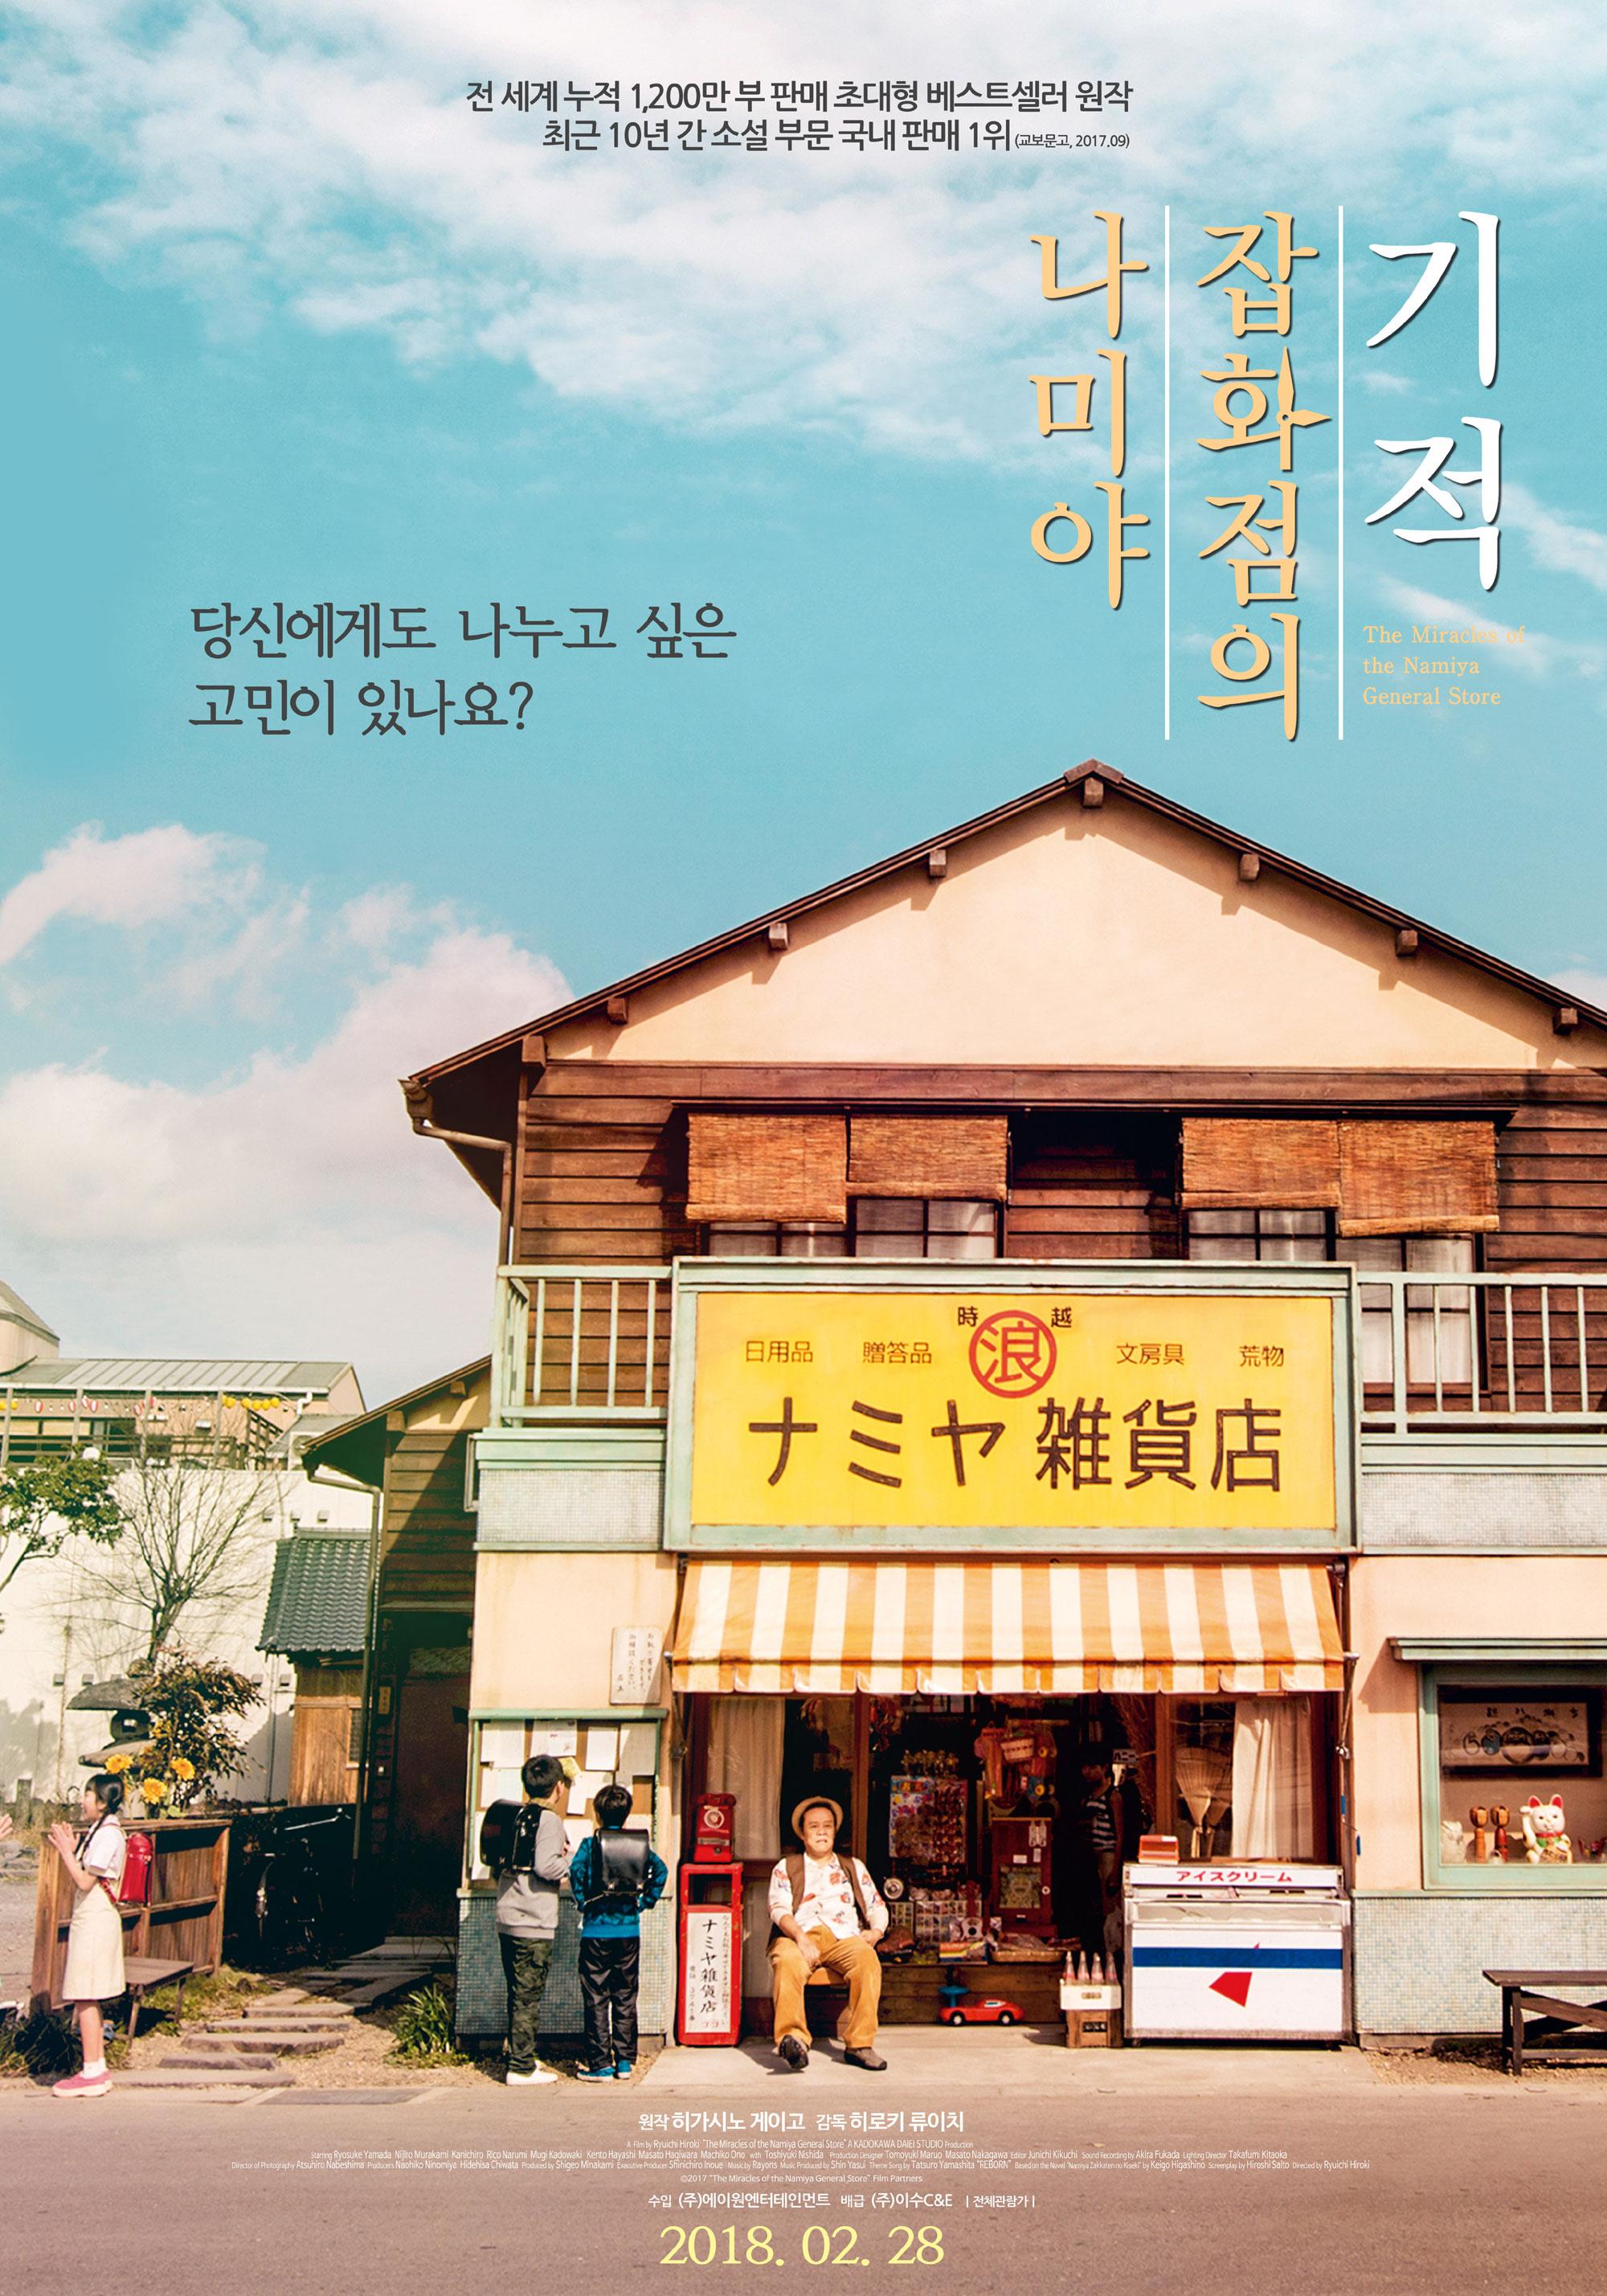 나미야 잡화점의 기적 포스터